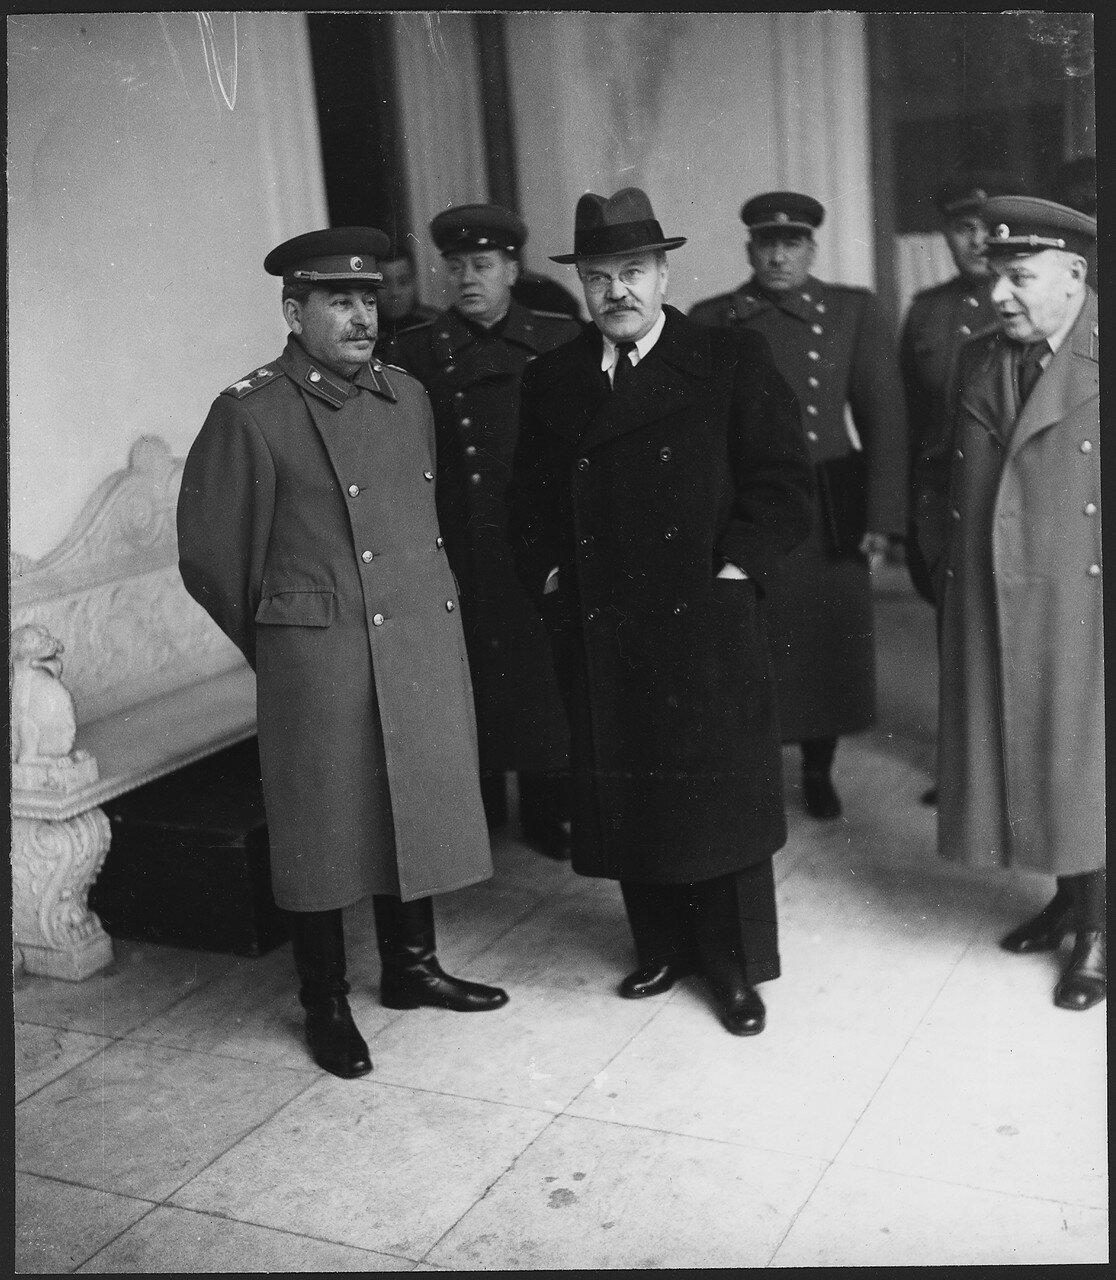 И.Сталин и В.Молотов в аэропорту Саки в ожидании прилета Ф.Д.Рузвельта